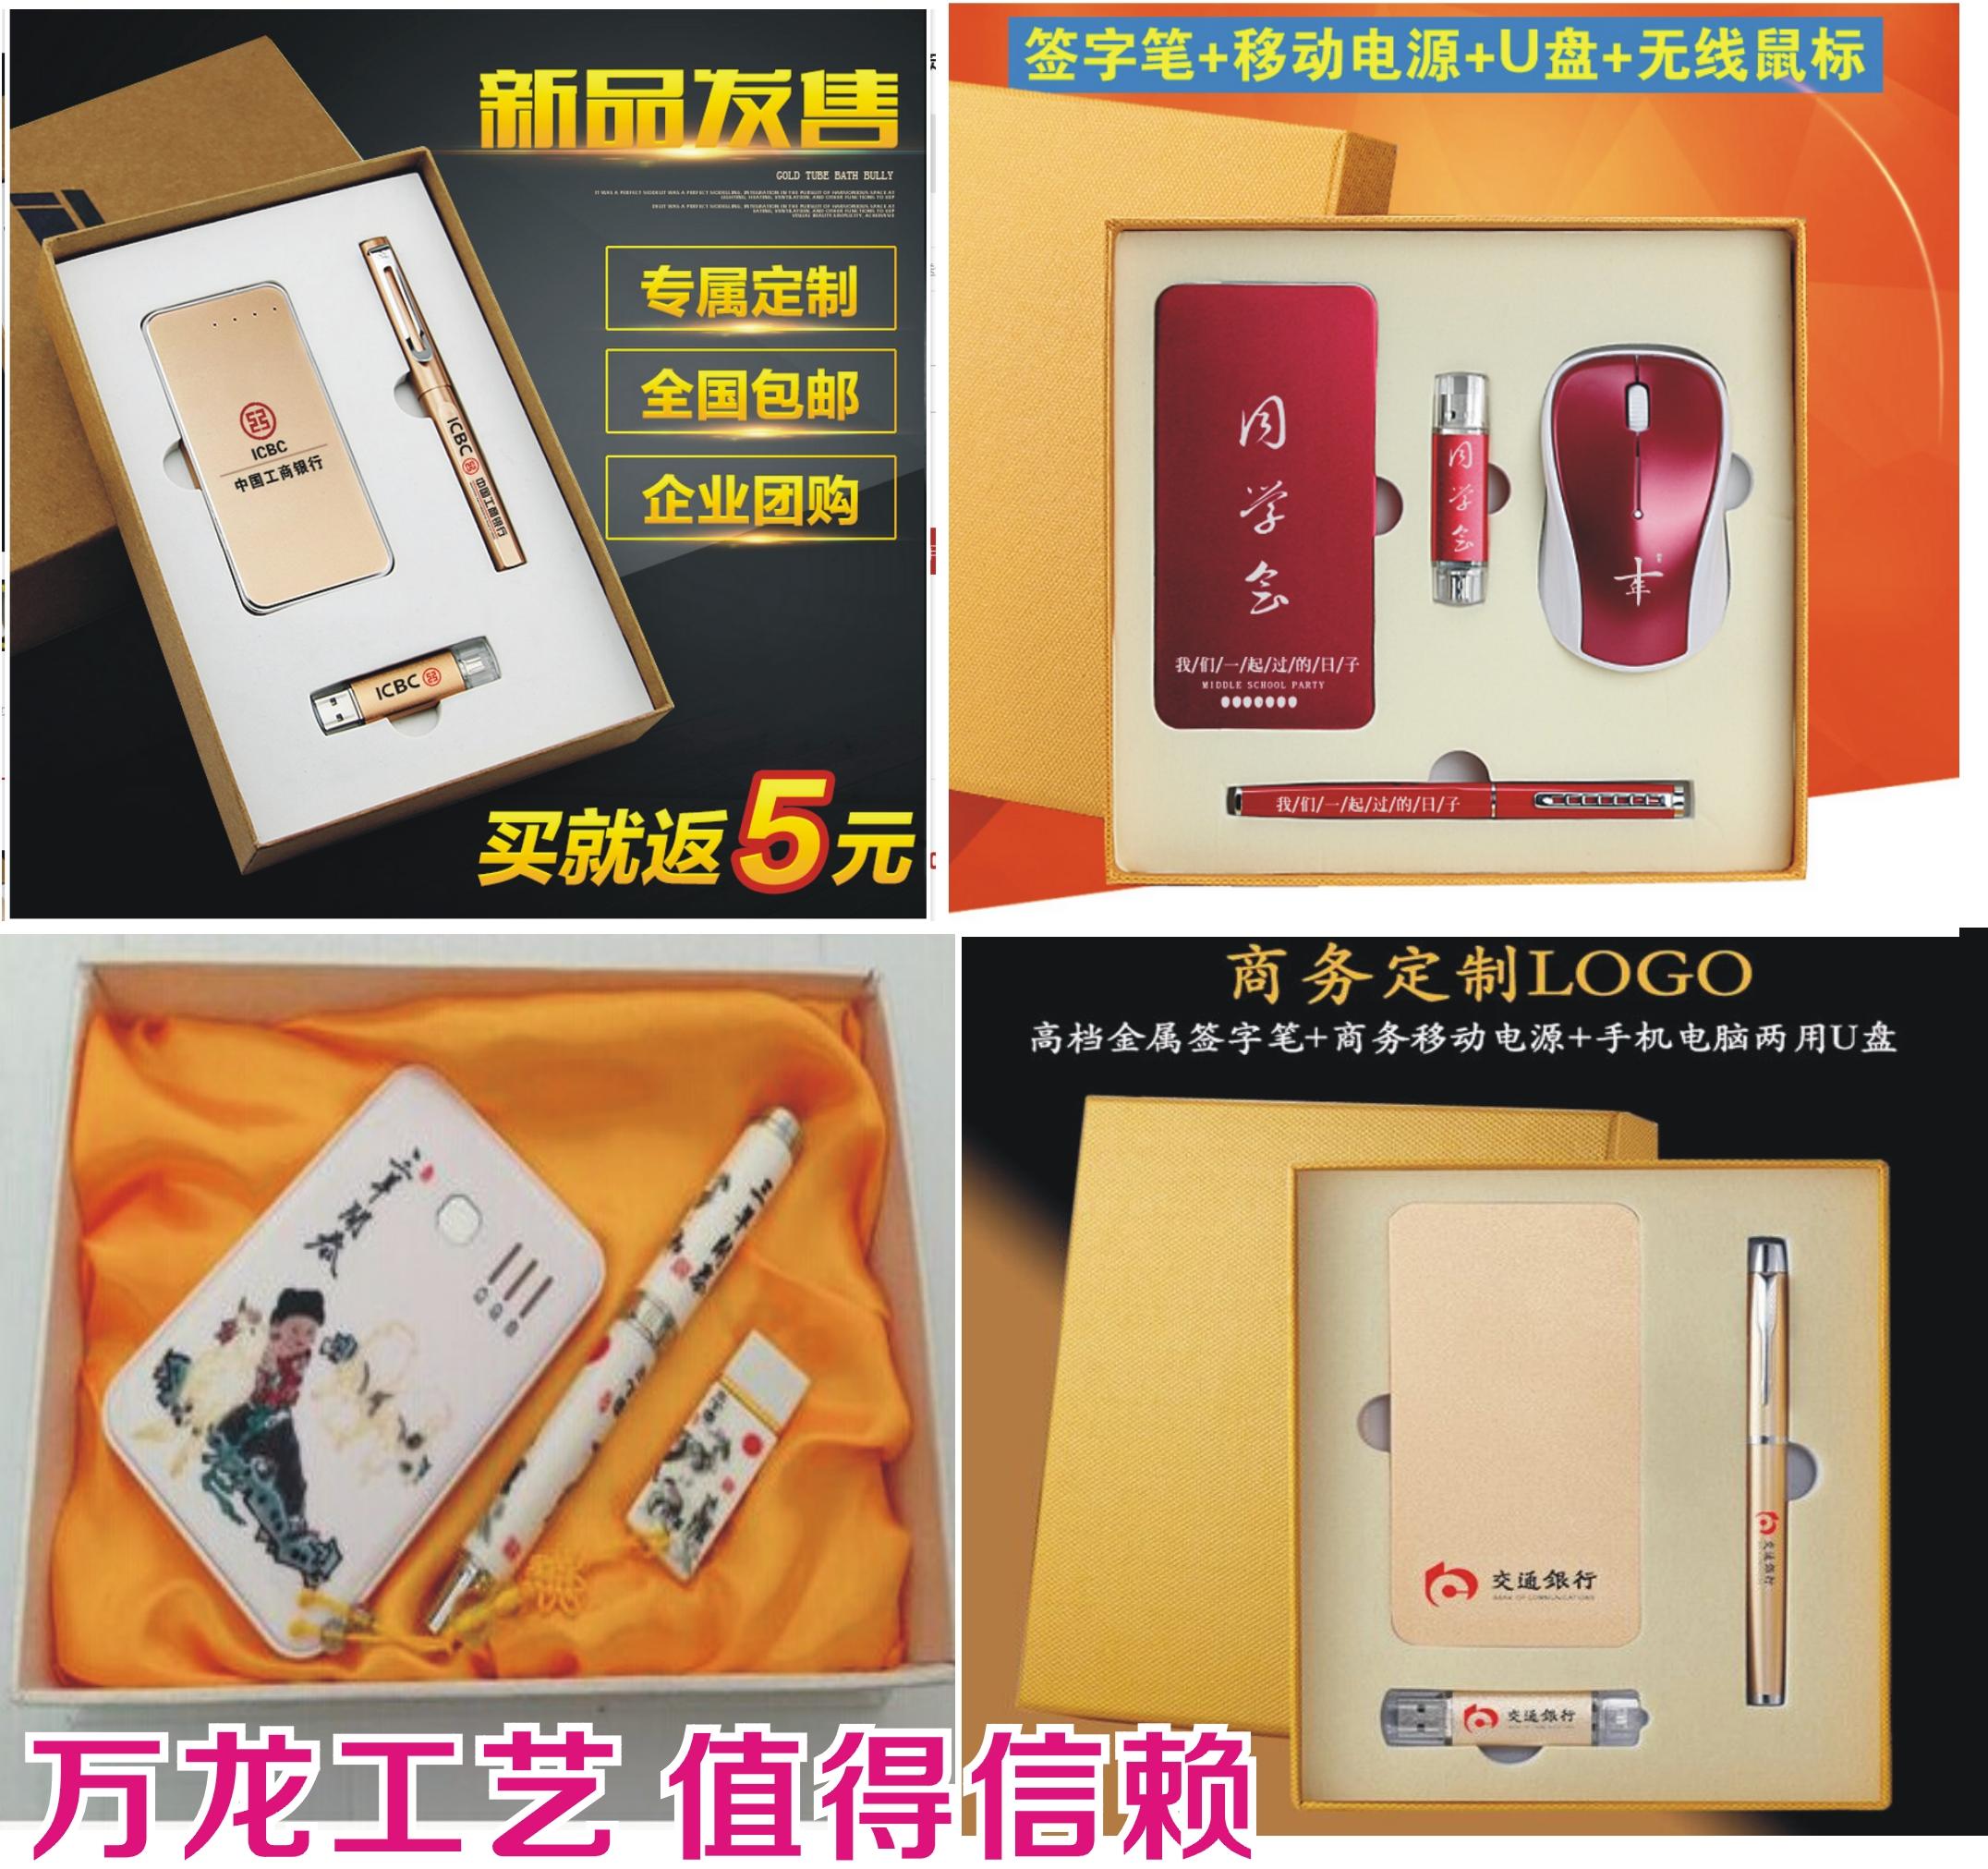 青花瓷礼品套装 商务礼品笔+移动电源+U盘实用三件套定制LOGO包邮